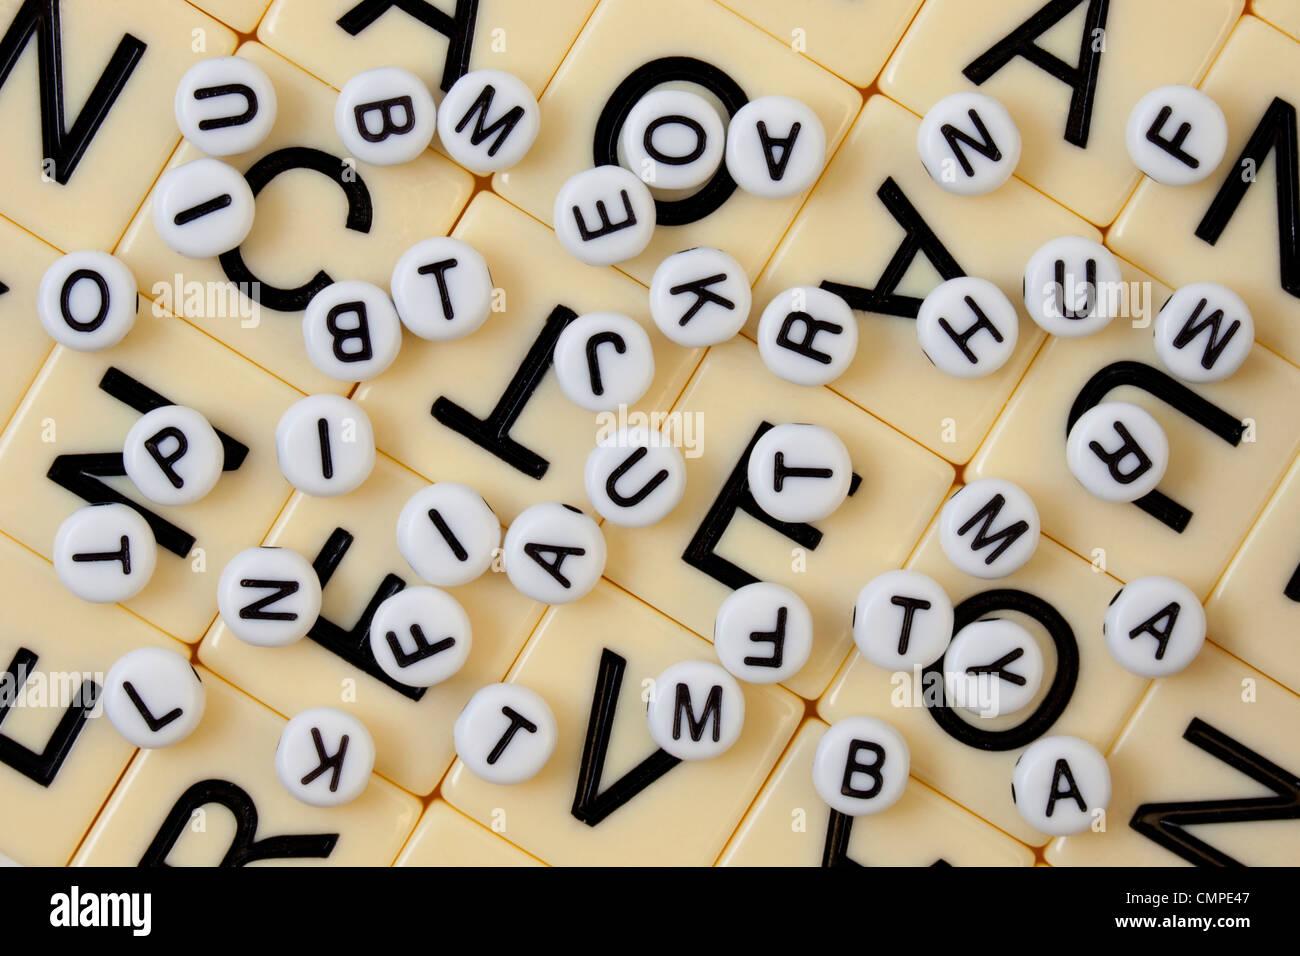 Perle bianche con lettere in nero rovesciato in maniera casuale su un mosaico di avorio con lettere più grandi Immagini Stock